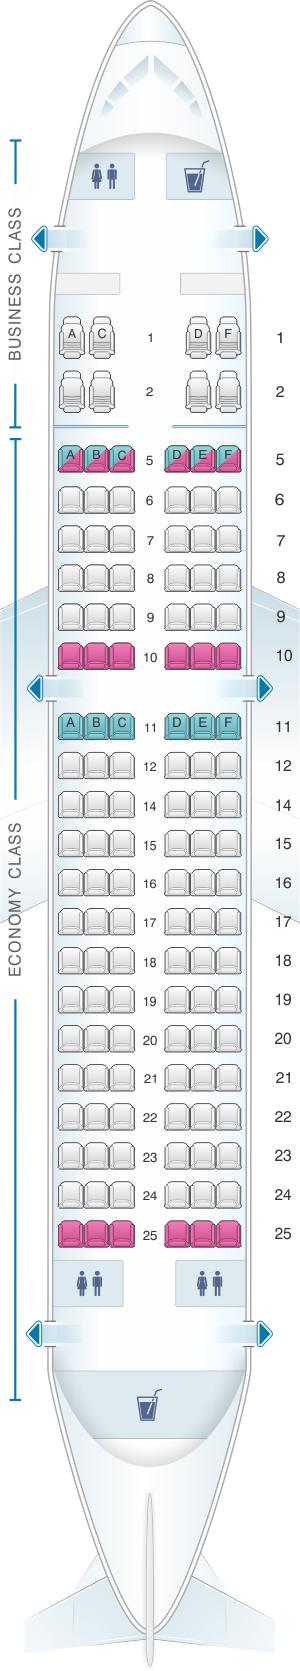 Seat map for SilkAir Airbus A319 100